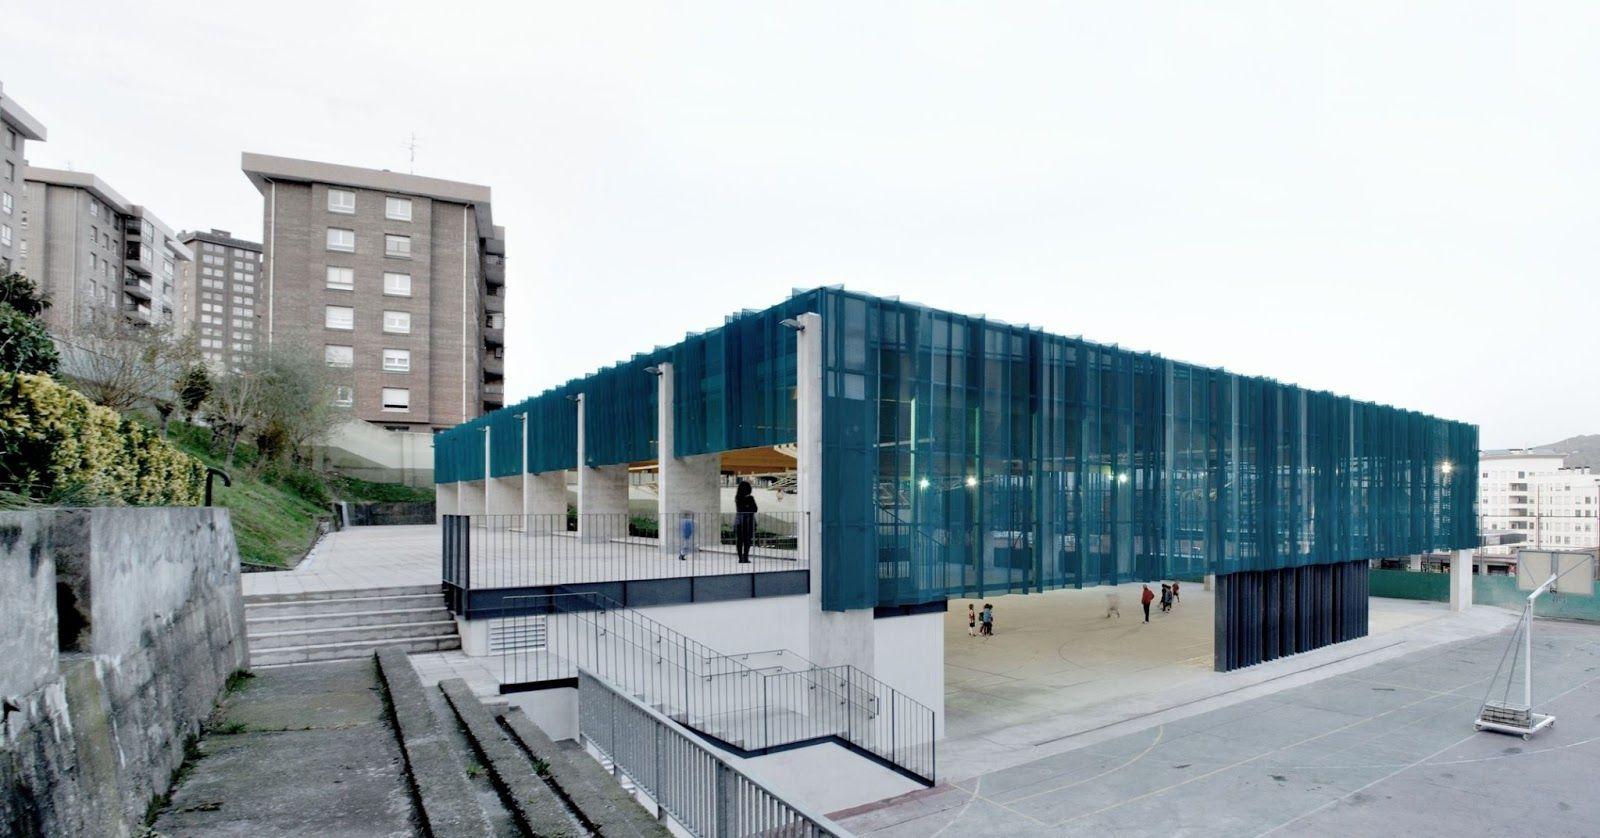 Pista deportiva en el colegio salesiano san juan bosco de barakaldo archkids arquitectura - Colegio arquitectos bilbao ...